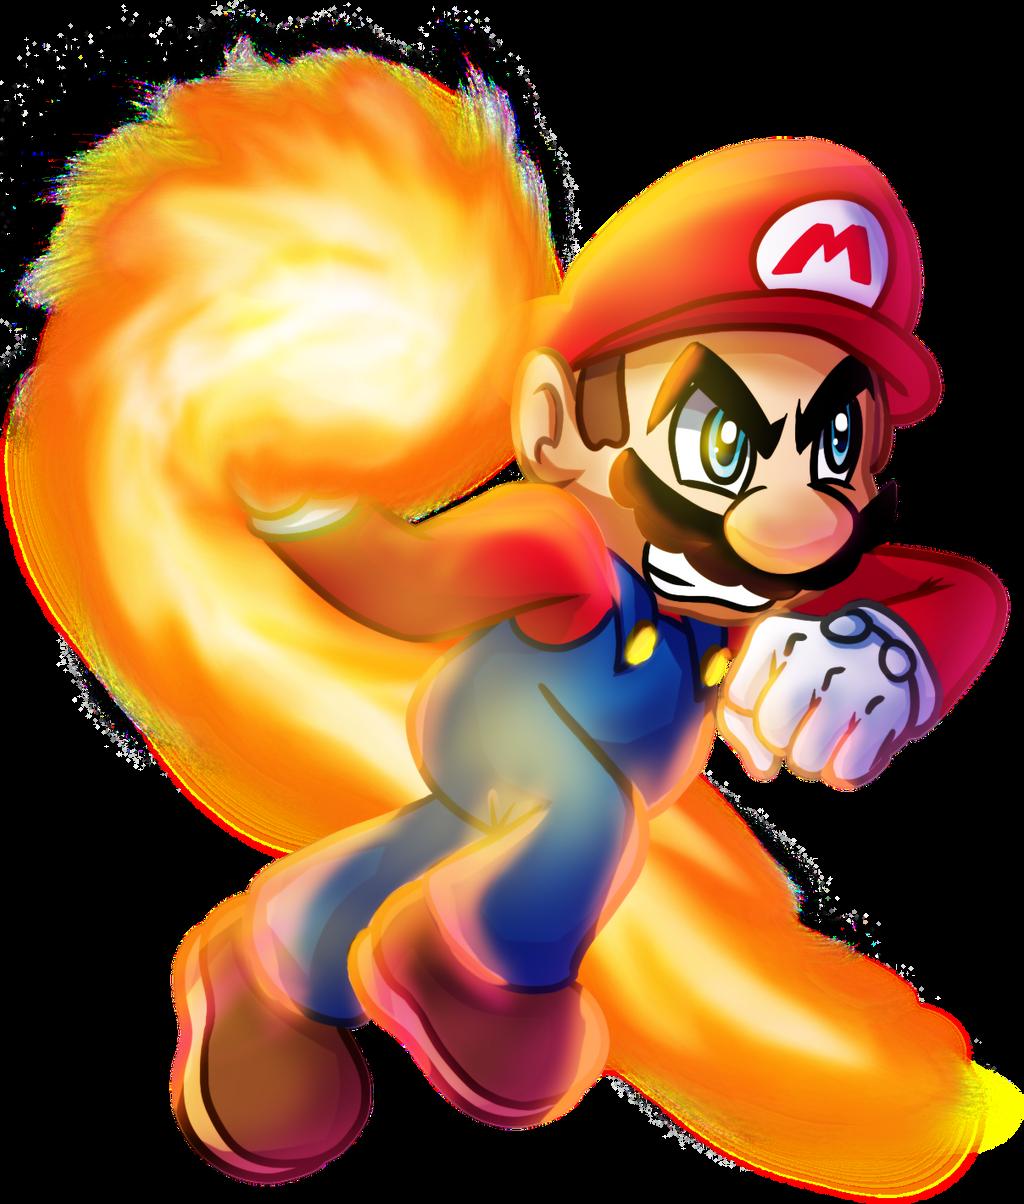 Mario (SSB4) - SmashWiki, the Super Smash Bros. wiki